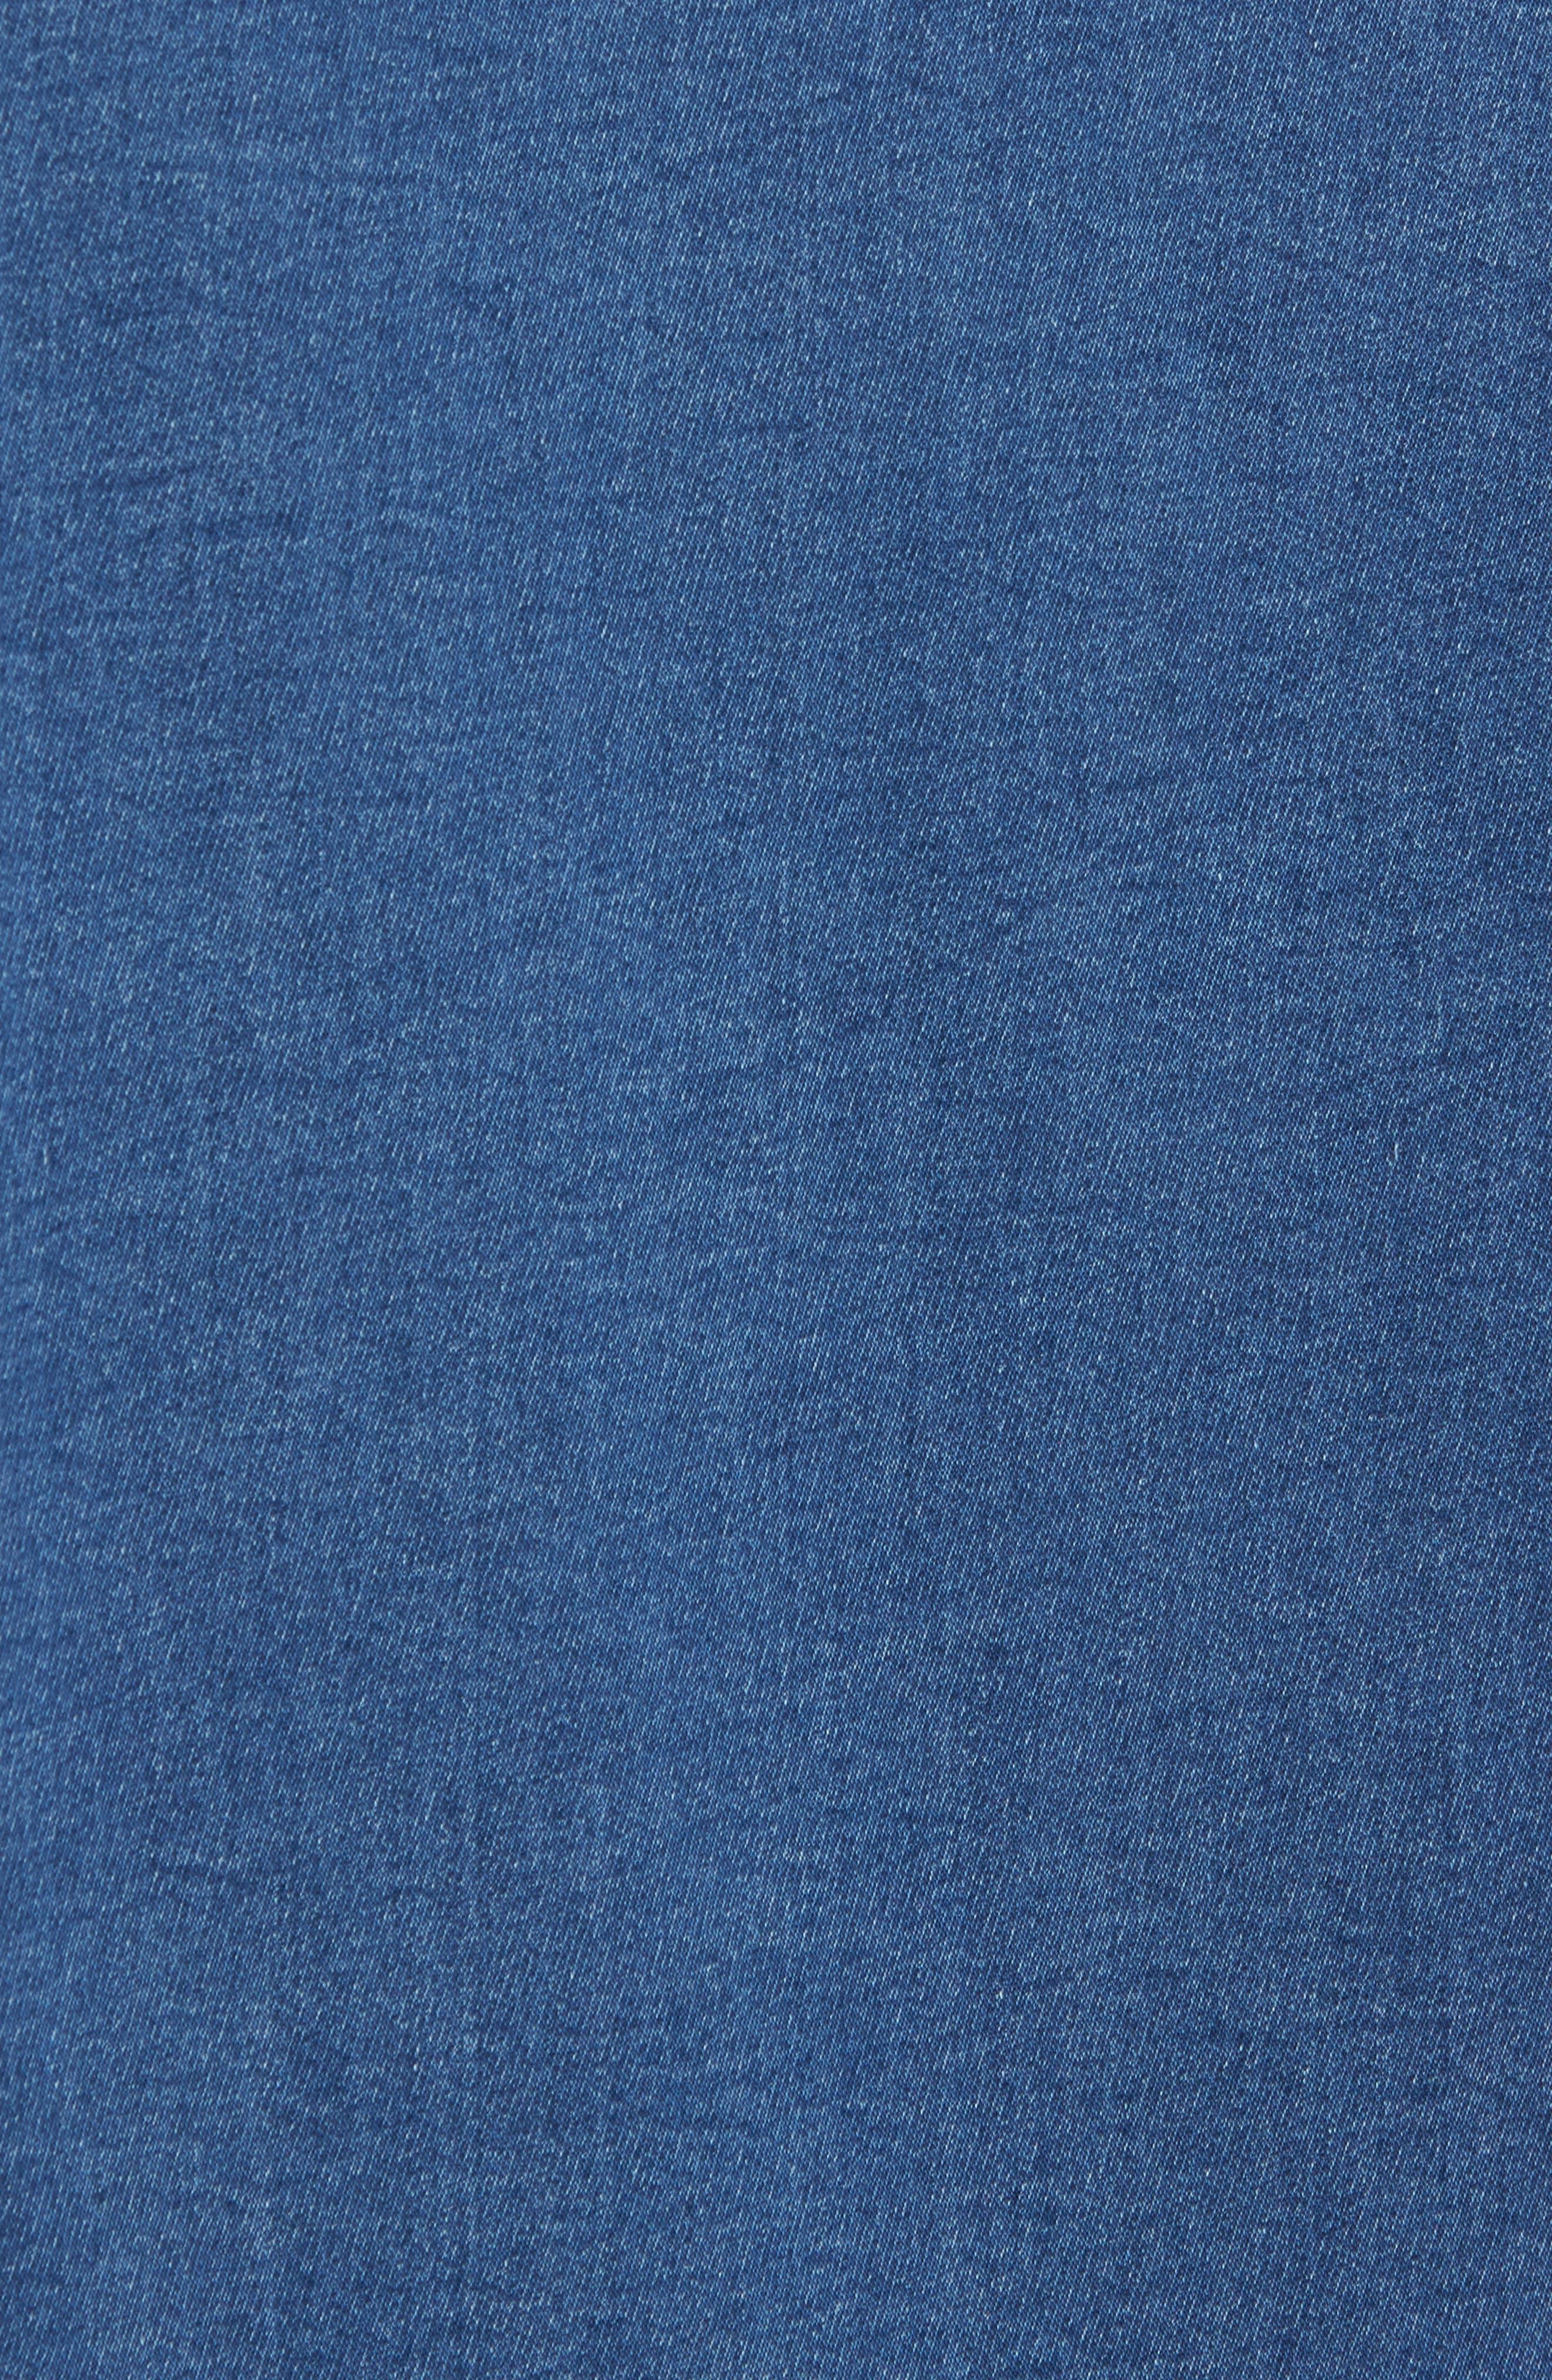 Trim Fit Utility Wash Knit Denim Shirt,                             Alternate thumbnail 5, color,